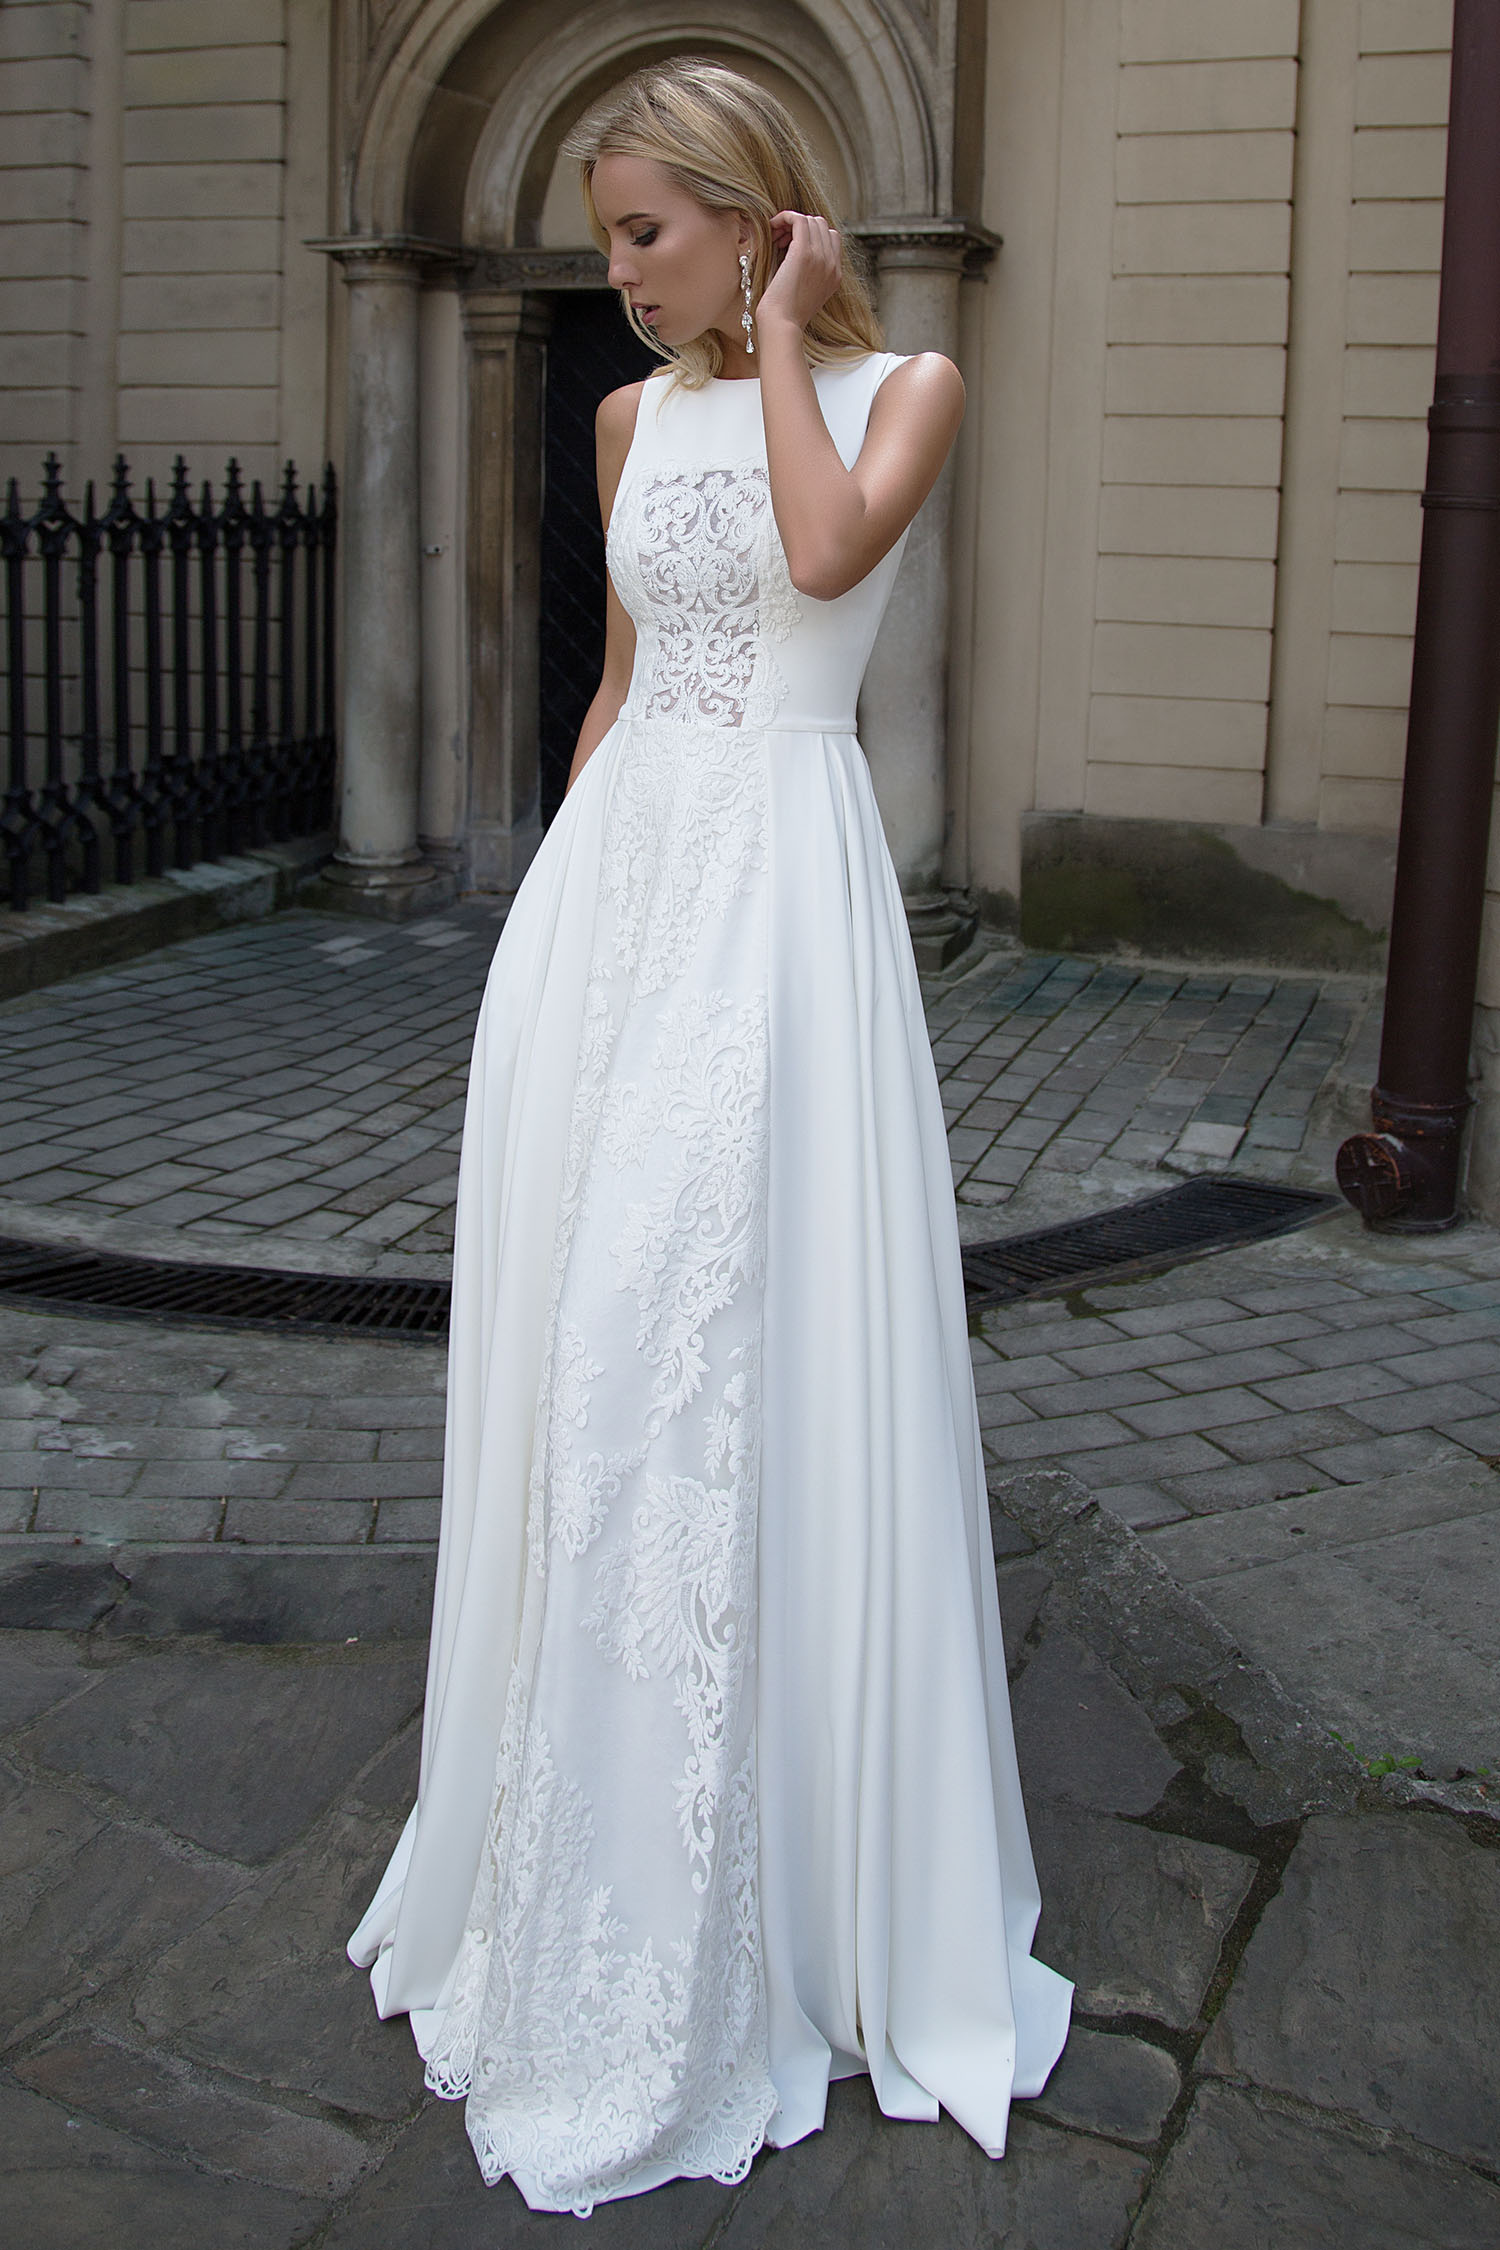 robe de mariée femme petite